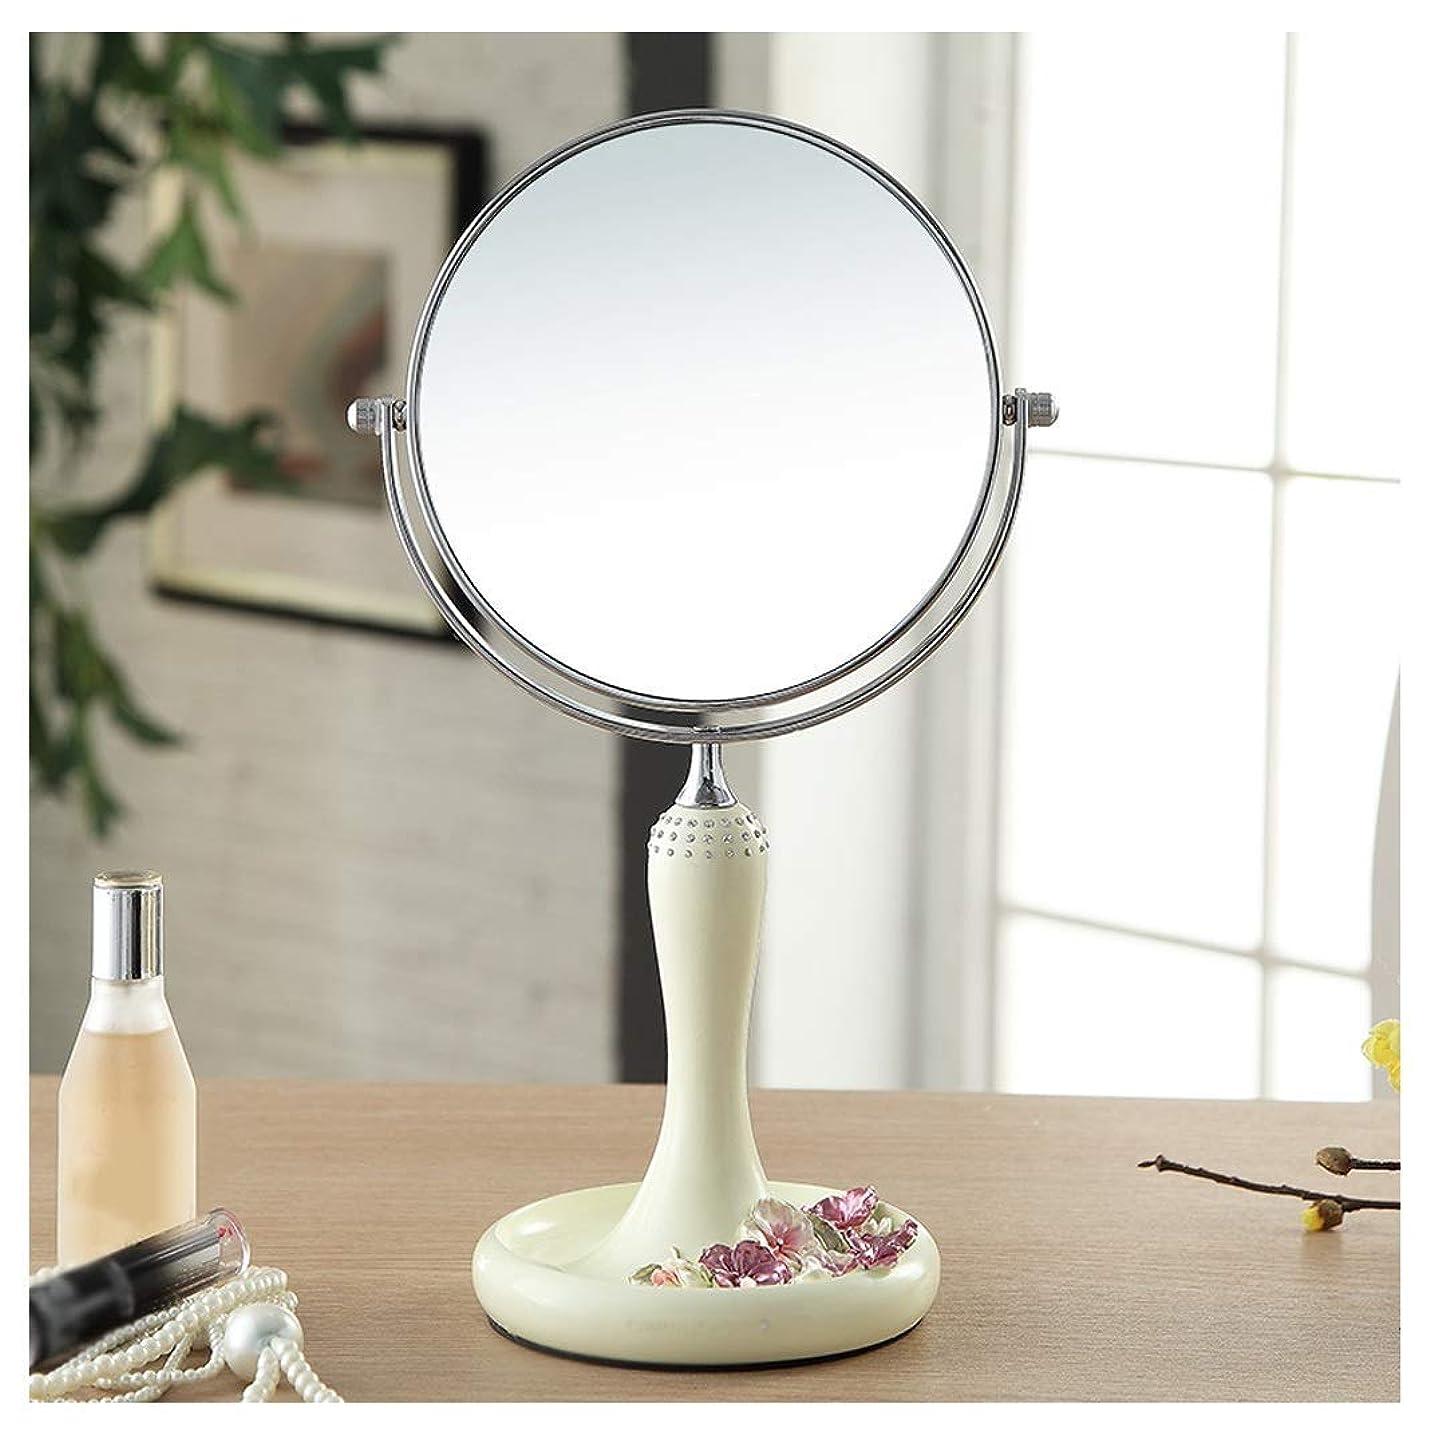 頂点出席するタバコ化粧鏡3x倍率コンチネンタル両面樹脂ファッションラブリーポータブルプリンセスミラー円形HDバニティミラー360°;回転(色:A、サイズ:30 * 14.5cm)